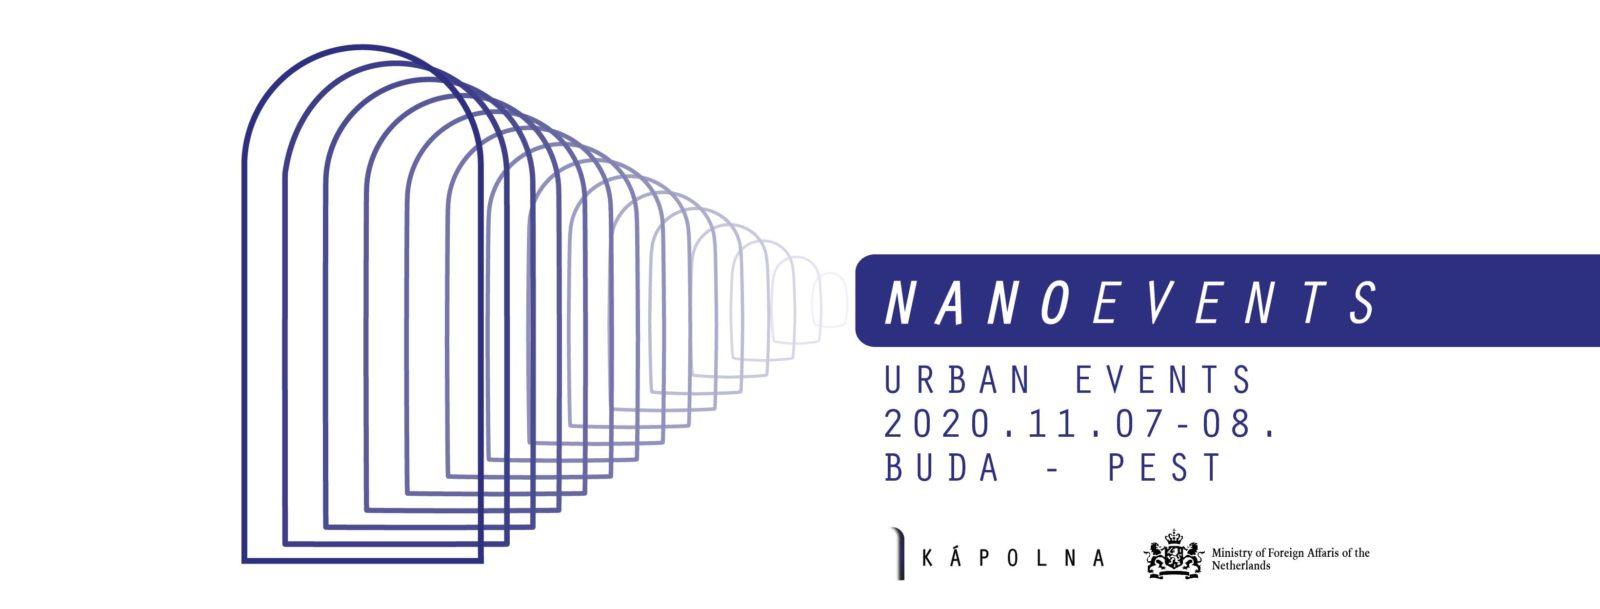 Nanoevents